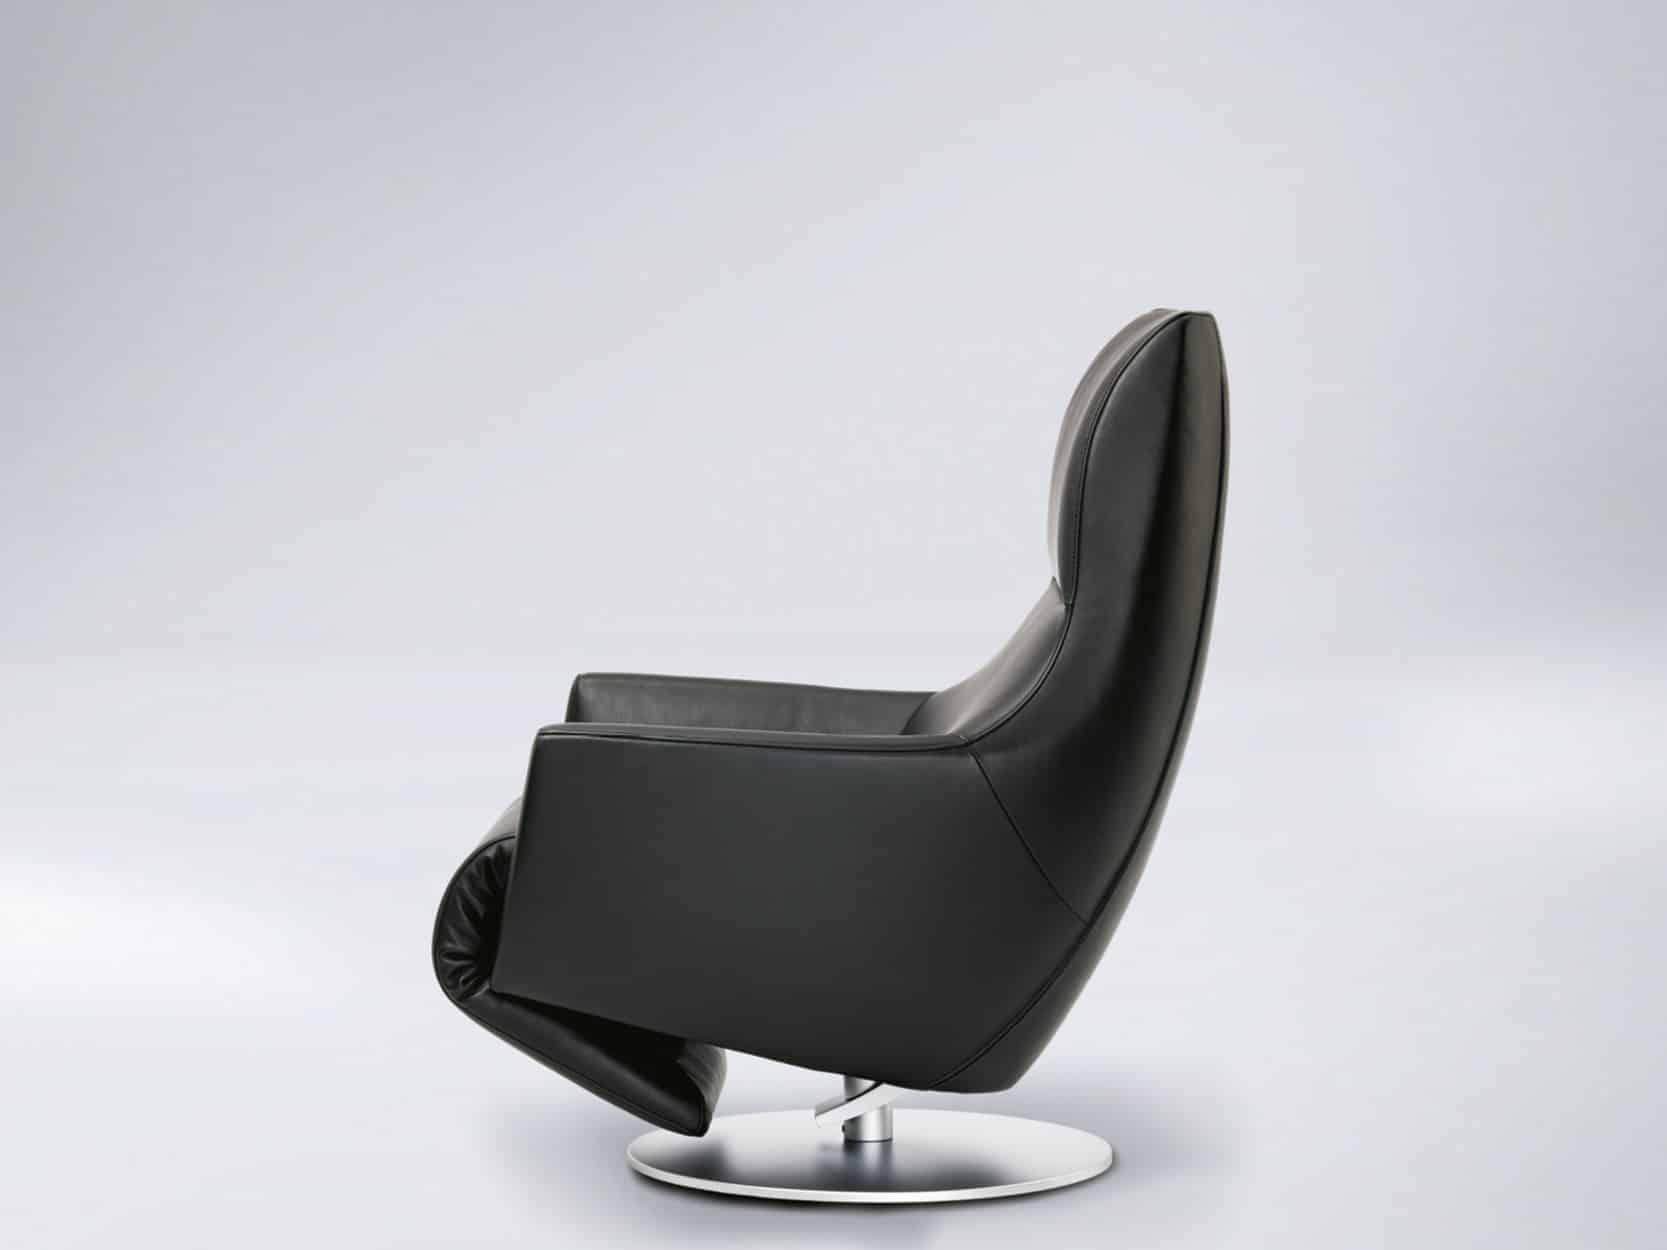 FSM fauteuil Stand up zijaanzicht